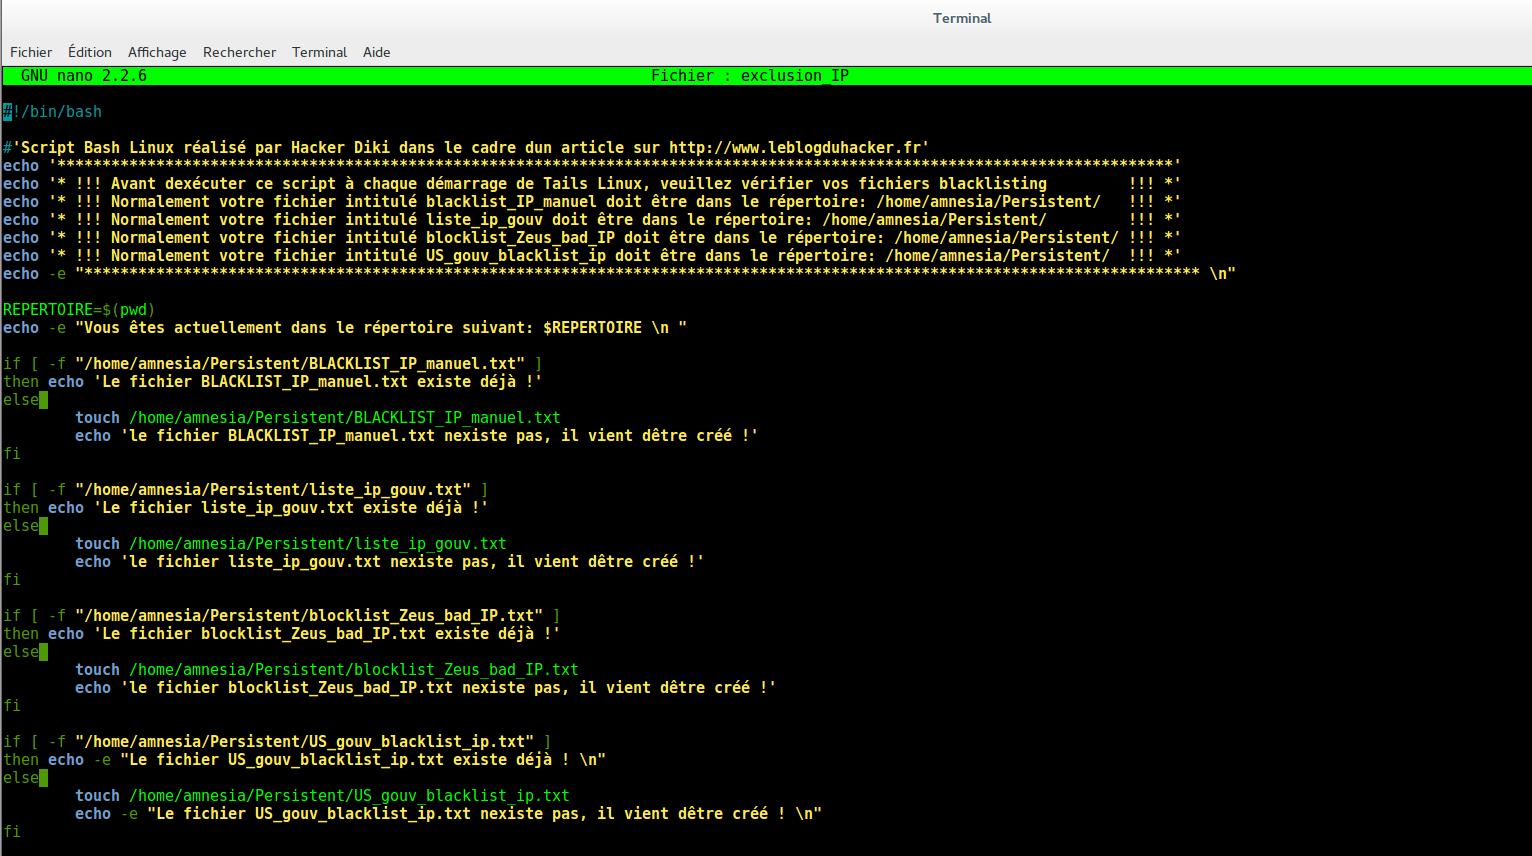 Image 57 Script exclusion blacklist IP 1111 ok